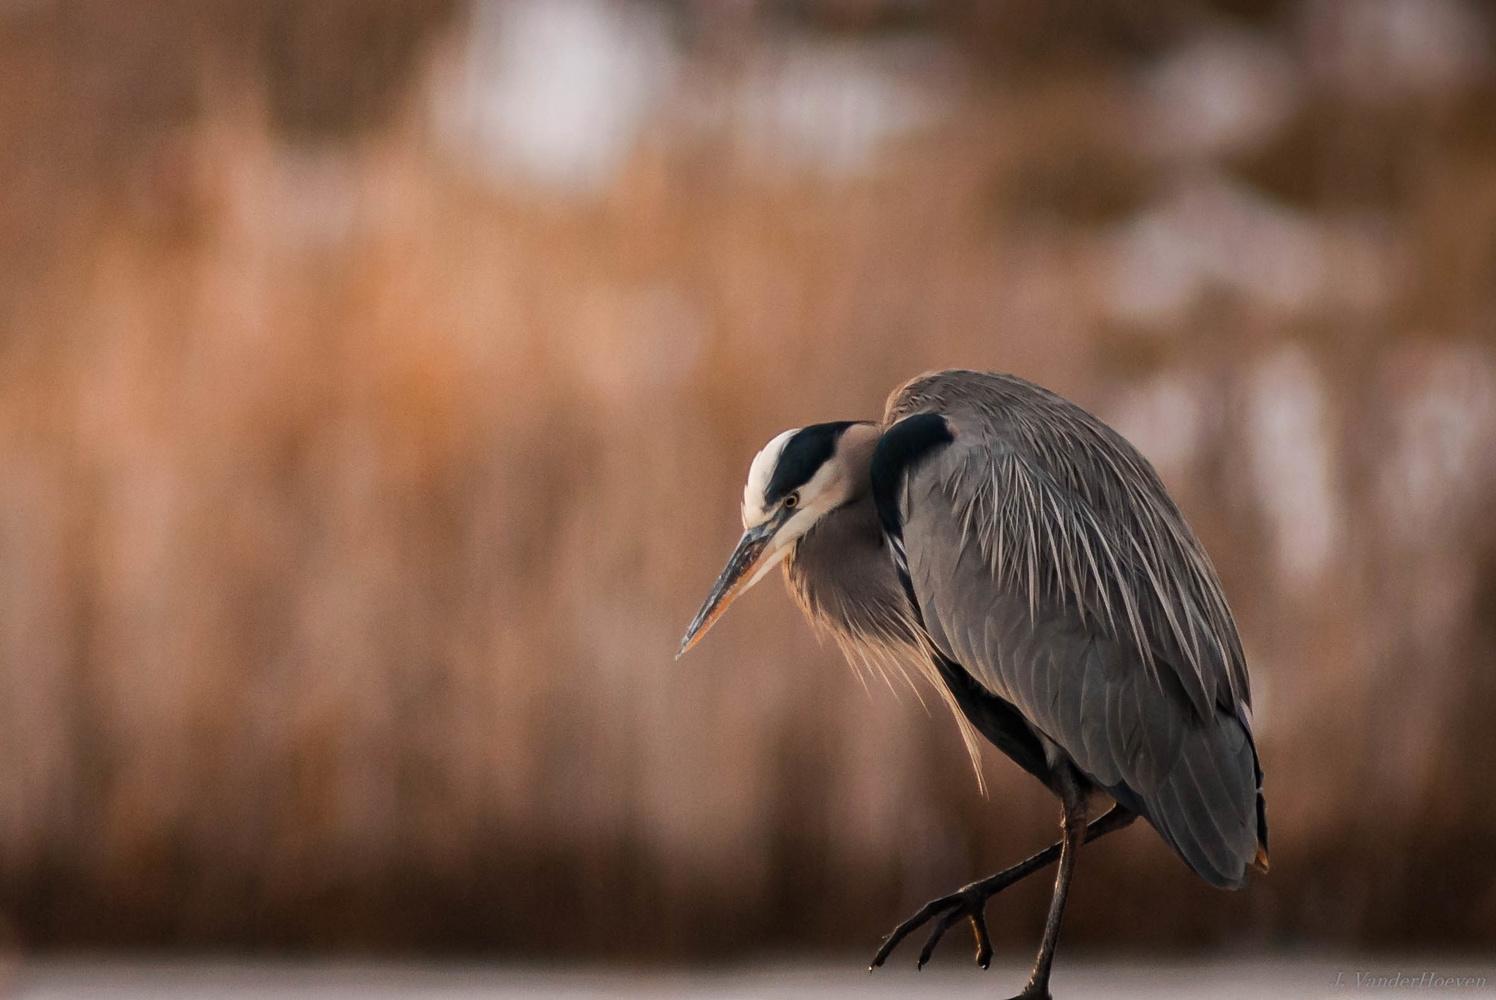 Heron at Dusk by Jake VanderHoeven